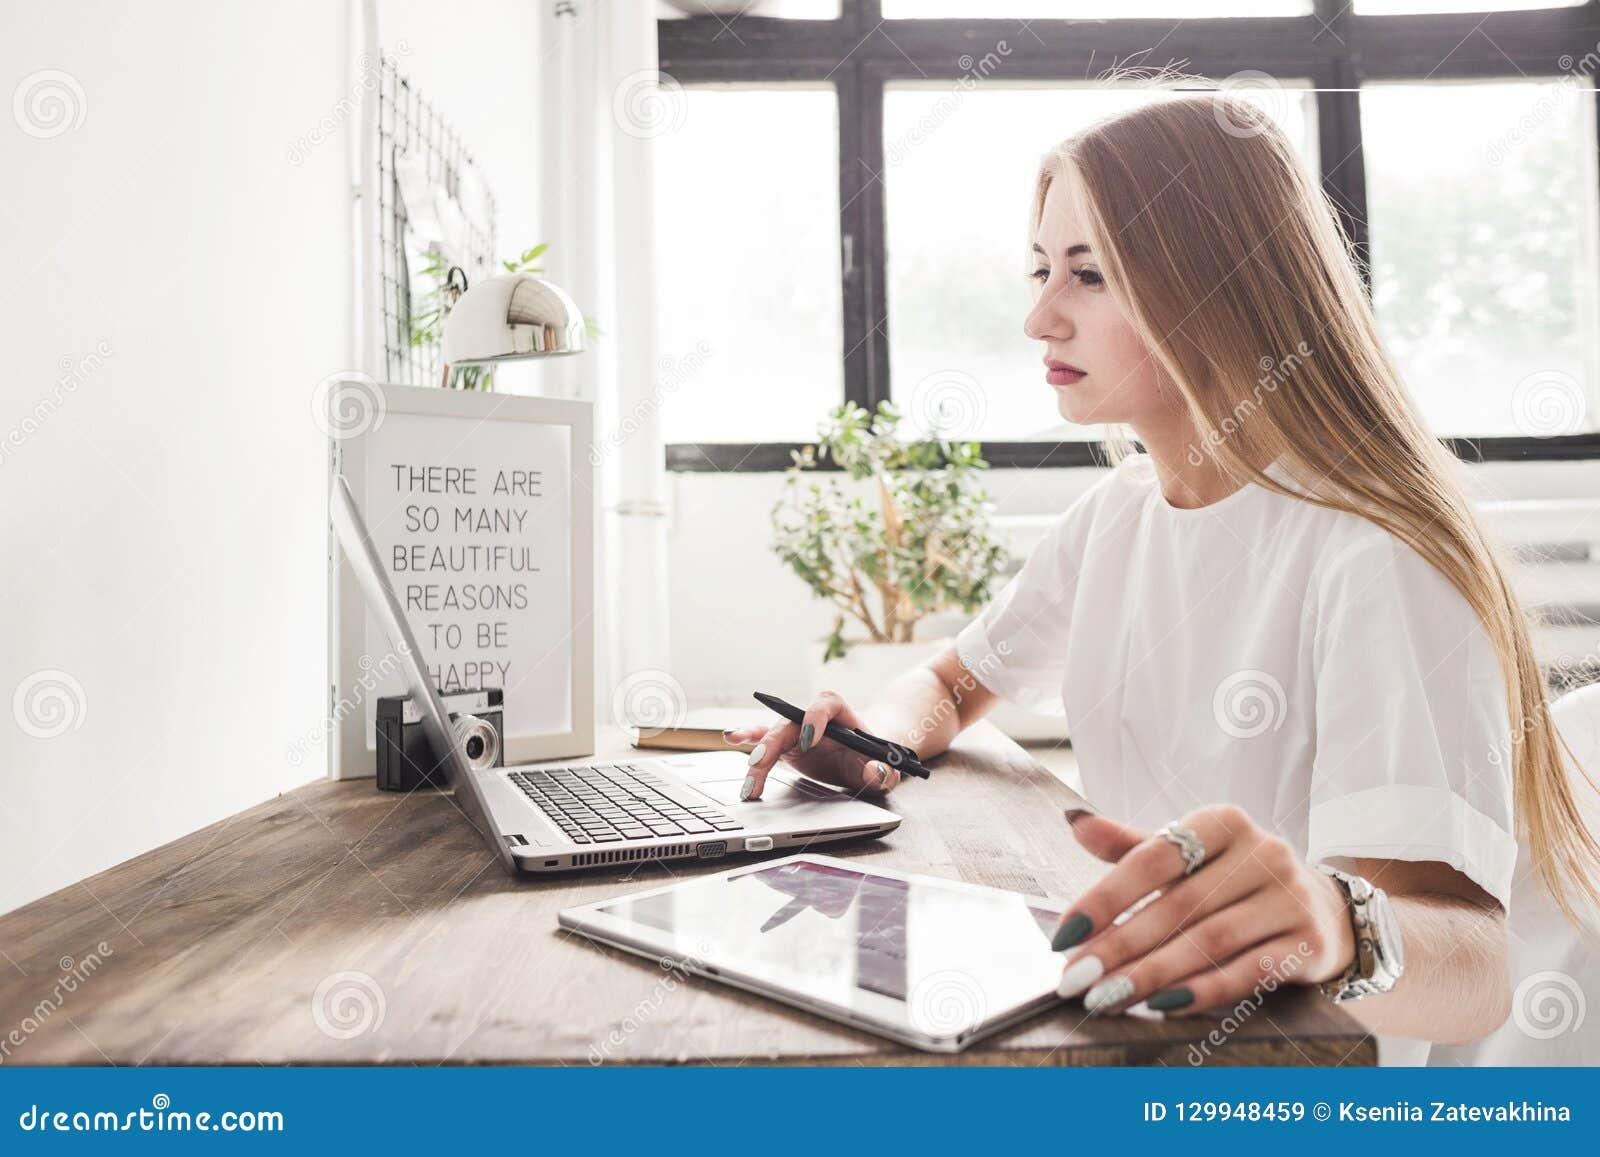 Νέα επιχειρησιακή γυναίκα που εργάζεται στο σπίτι πίσω από ένα lap-top και μια ταμπλέτα Δημιουργικός Σκανδιναβικός χώρος εργασίας